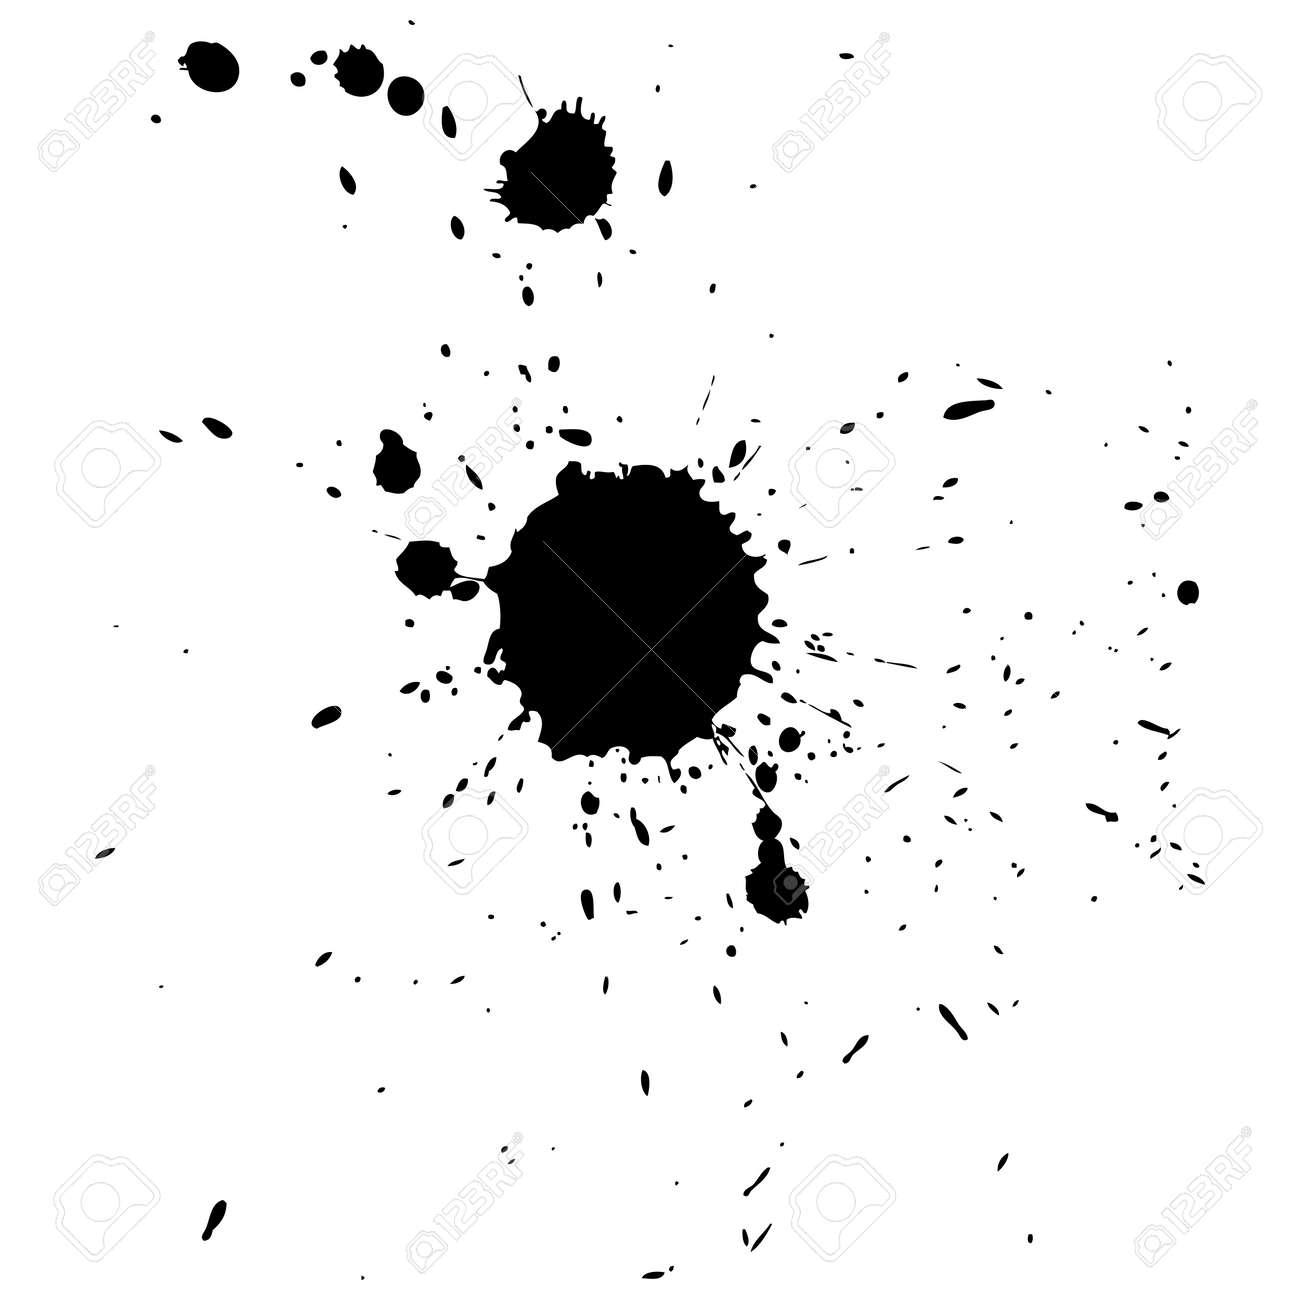 Foto de archivo - Varias gotas de tinta negro y salpicaduras 6f53ea0c5761